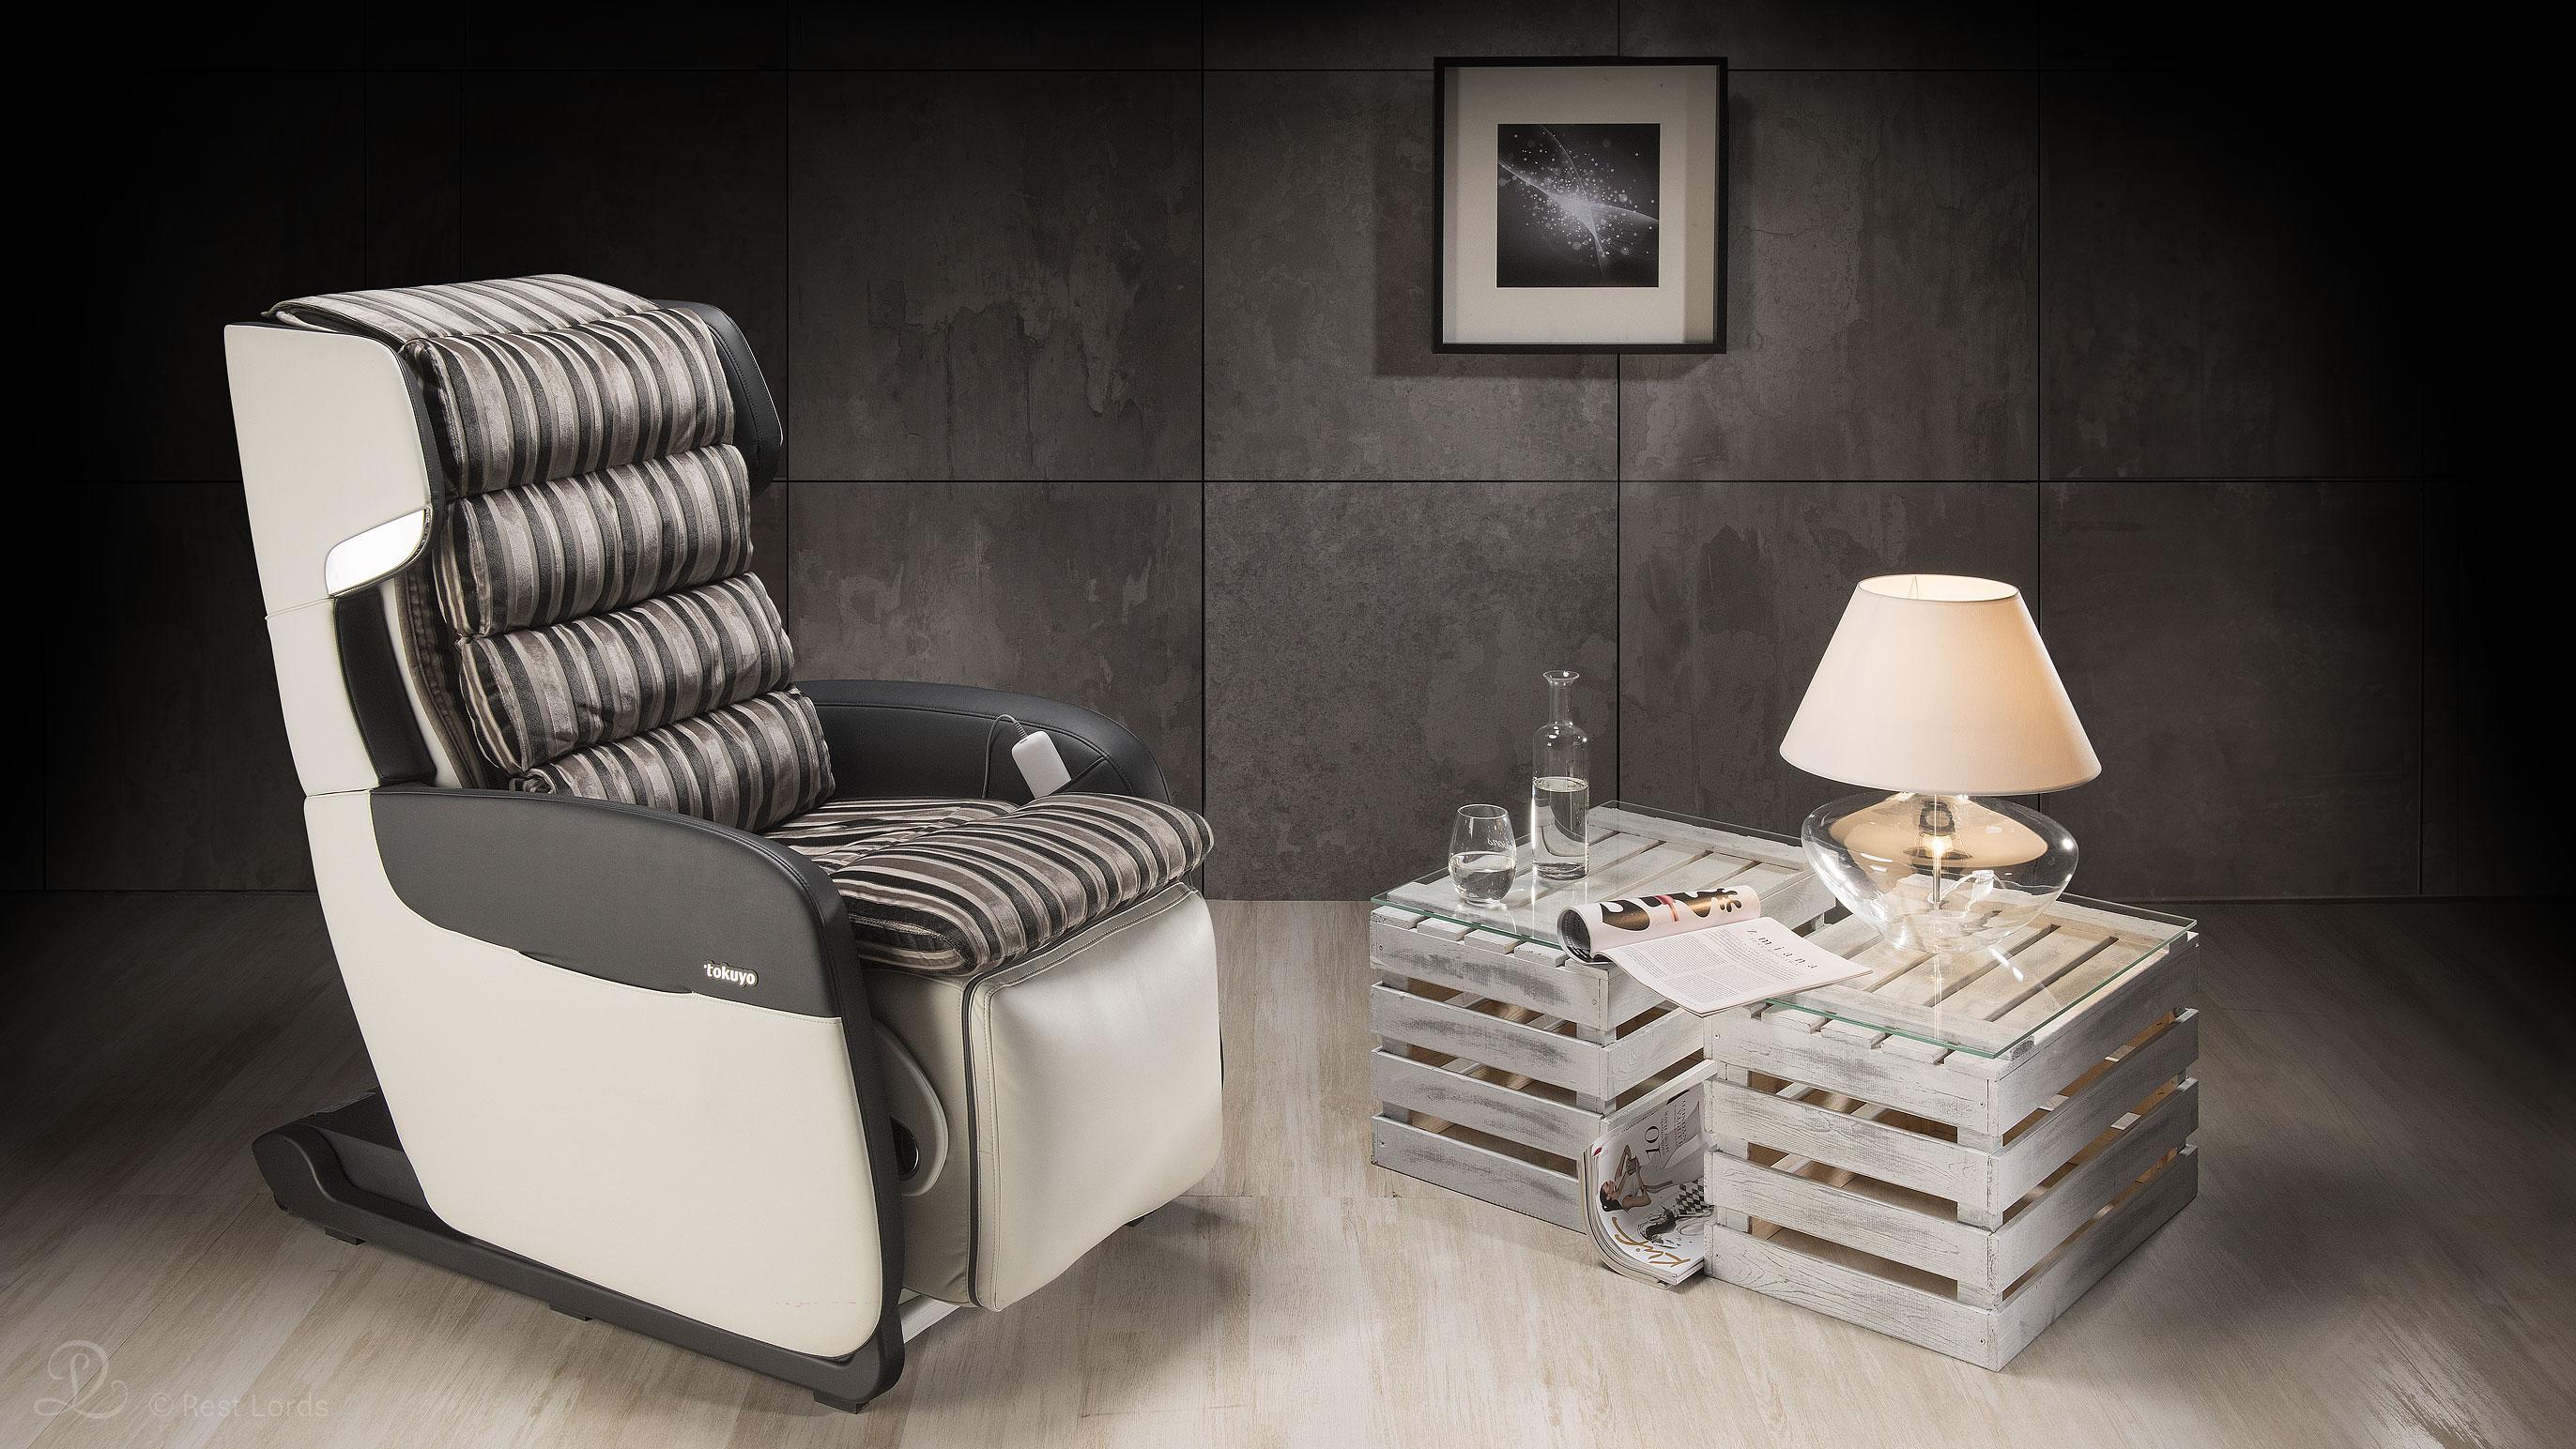 Fotel masujący Tokuyo aranżacja